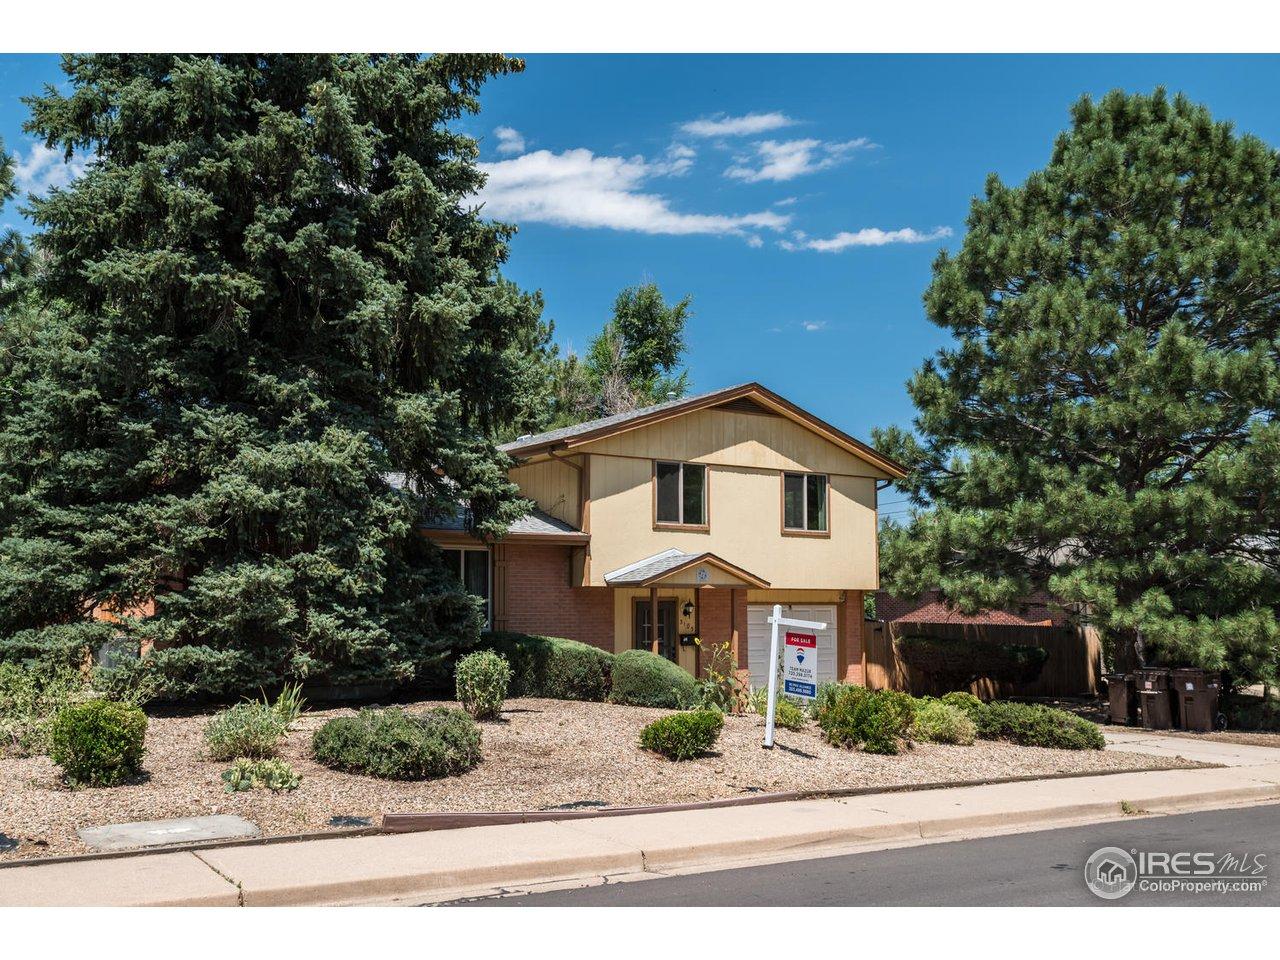 3105 Darley Ave, Boulder CO 80305